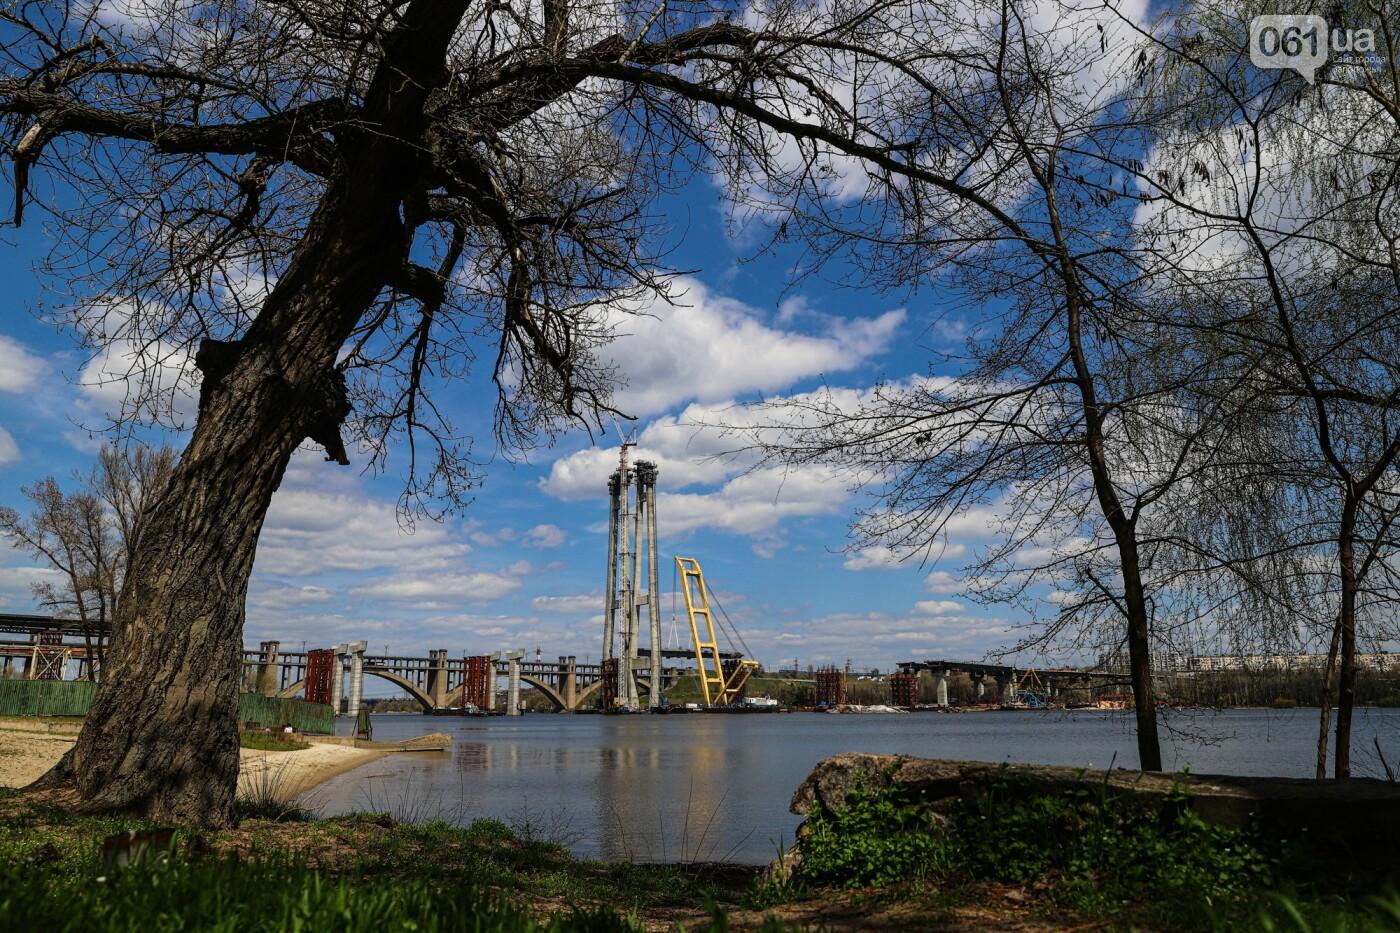 Монтаж первого пролета вантового моста, транспортный локдаун и репортаж из заброшенной шахты: апрель в фотографиях, фото-43